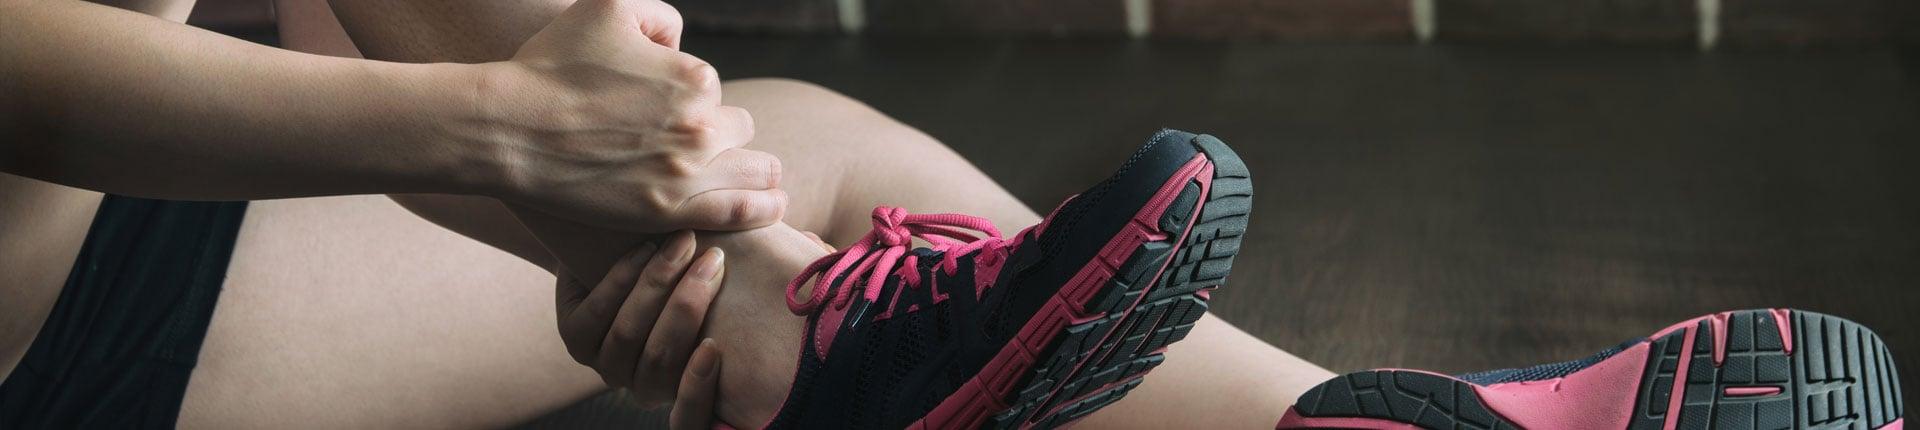 9 najczęstszych przyczyn urazów na siłowni